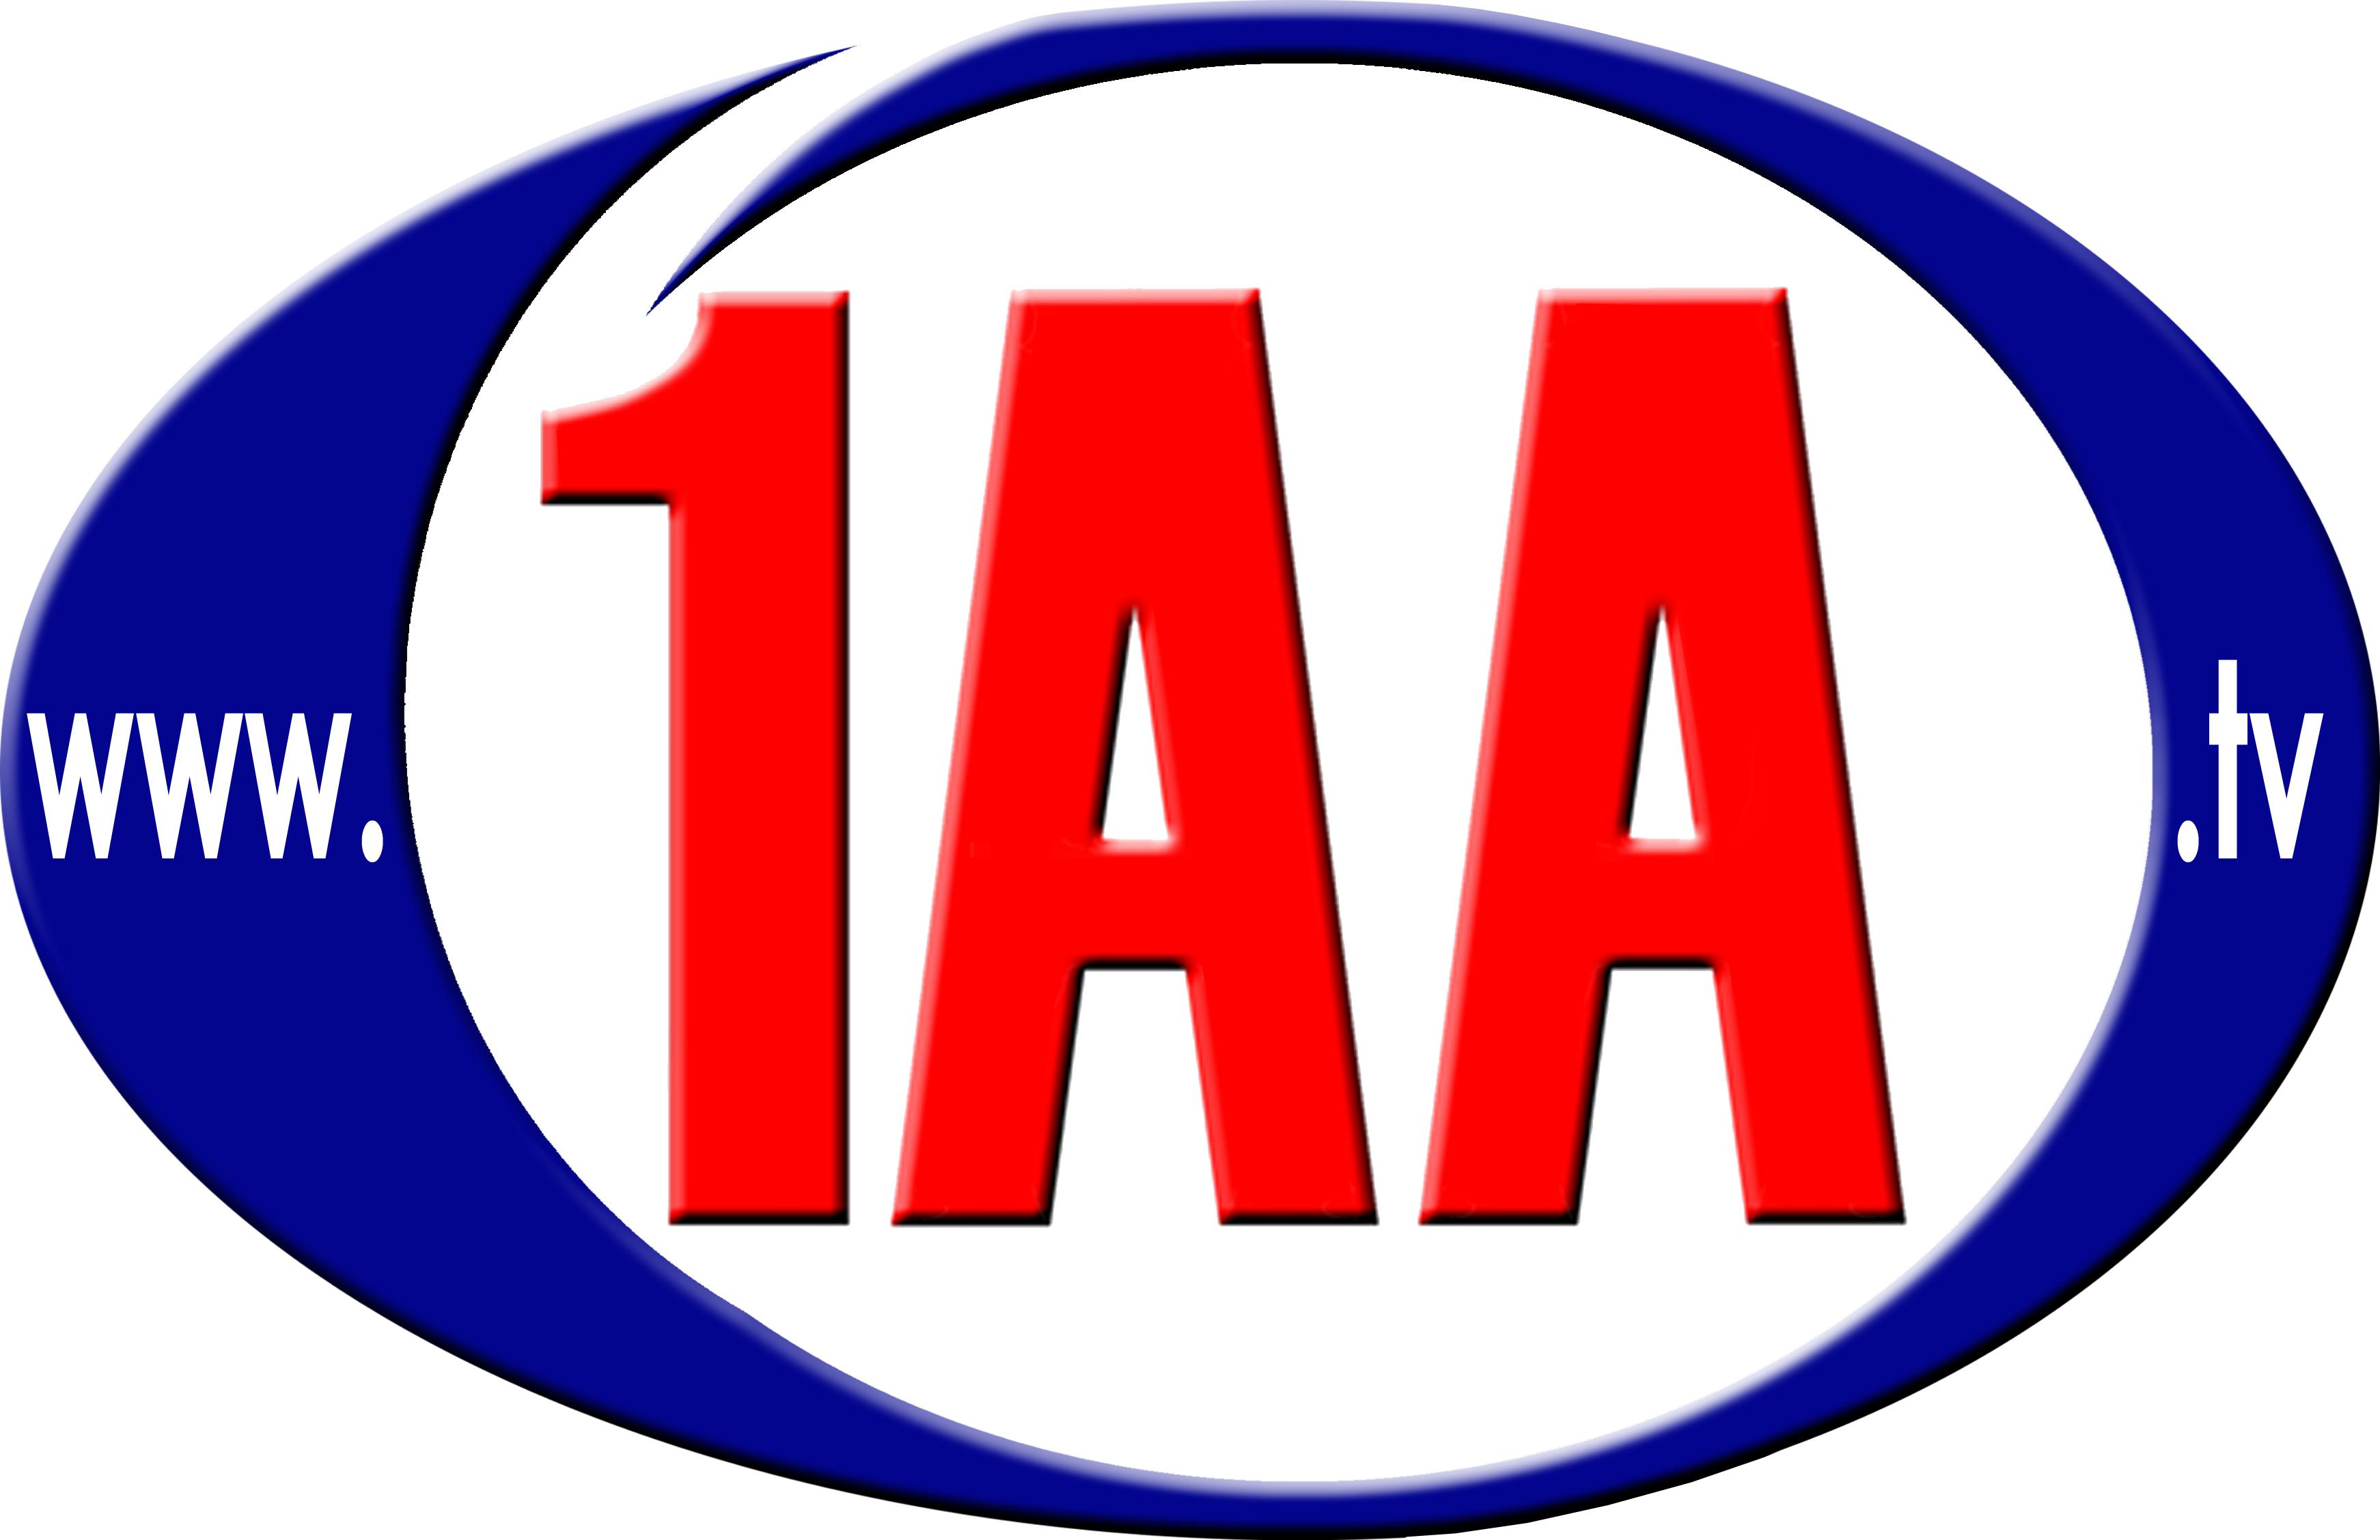 1AA Project Management & New Media e.U